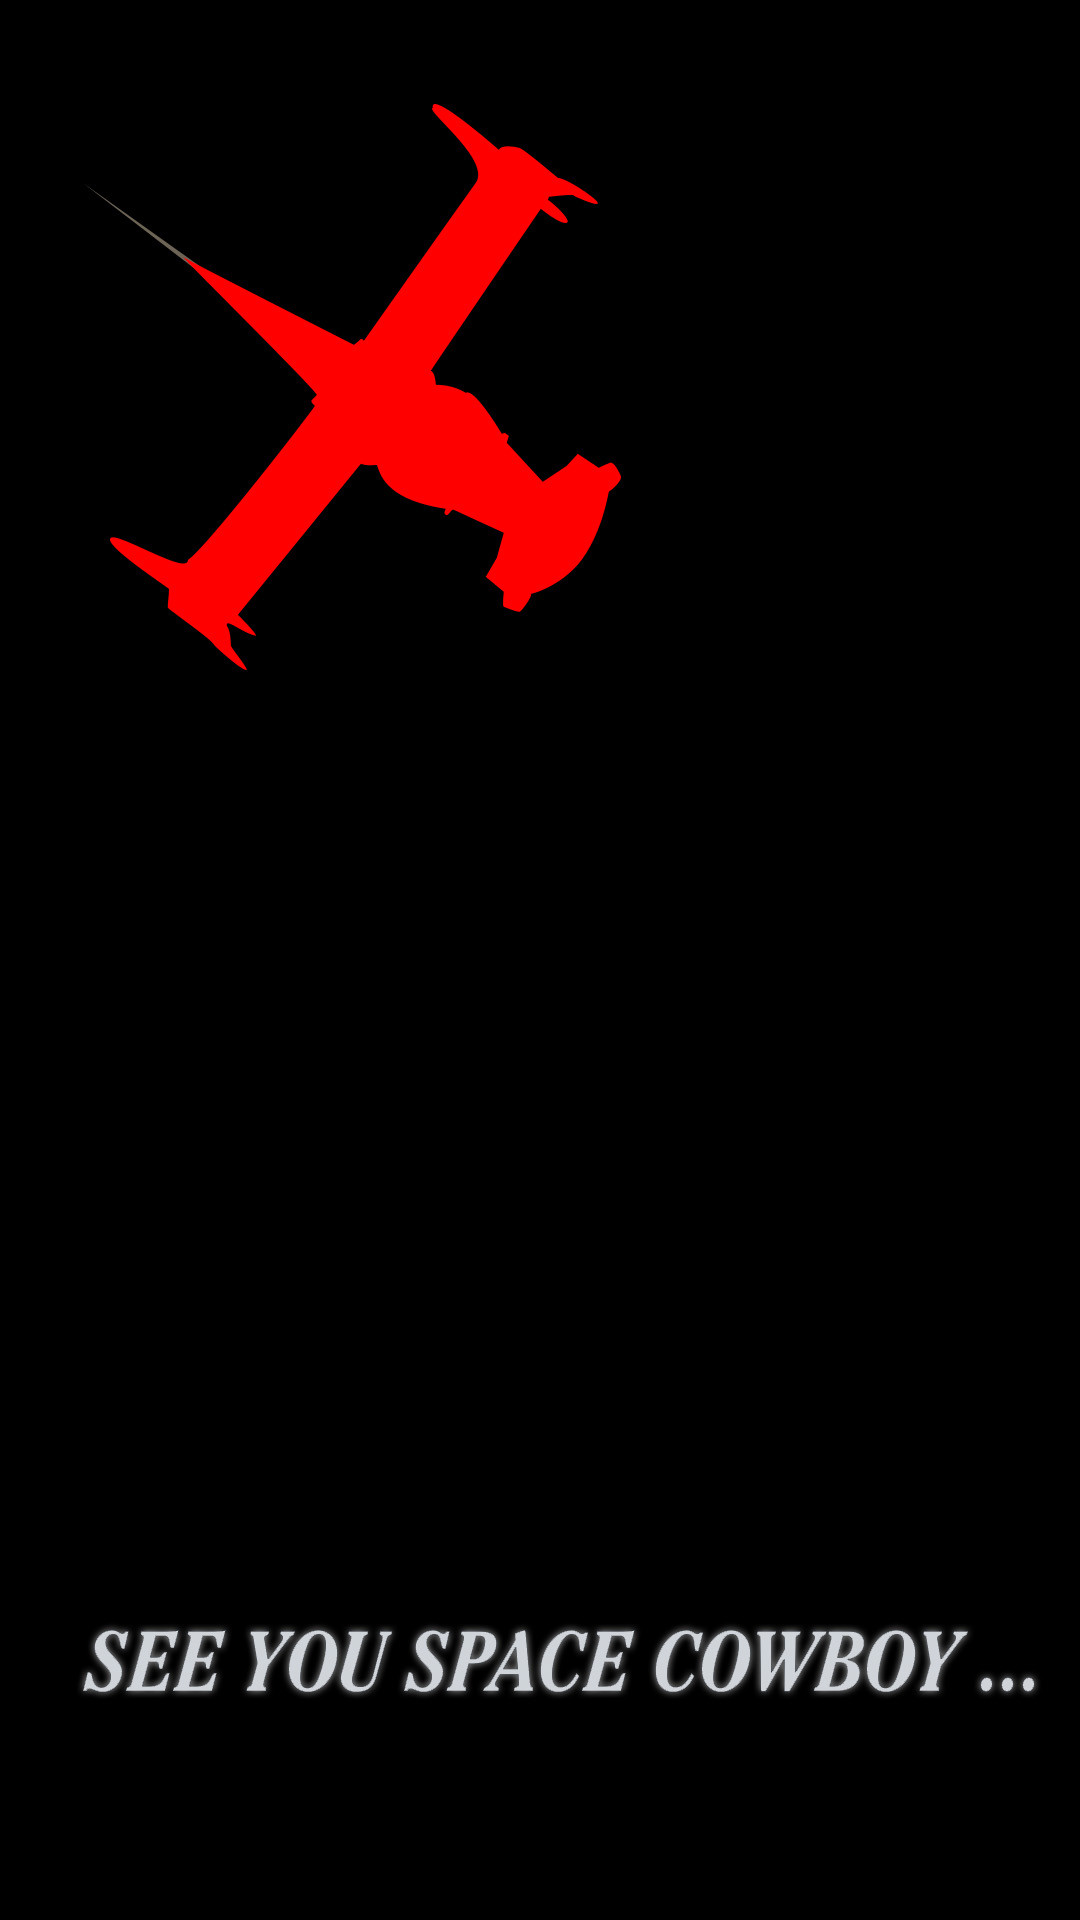 Cowboy Bebop Mobile Wallpaper I Made [1080×1920]